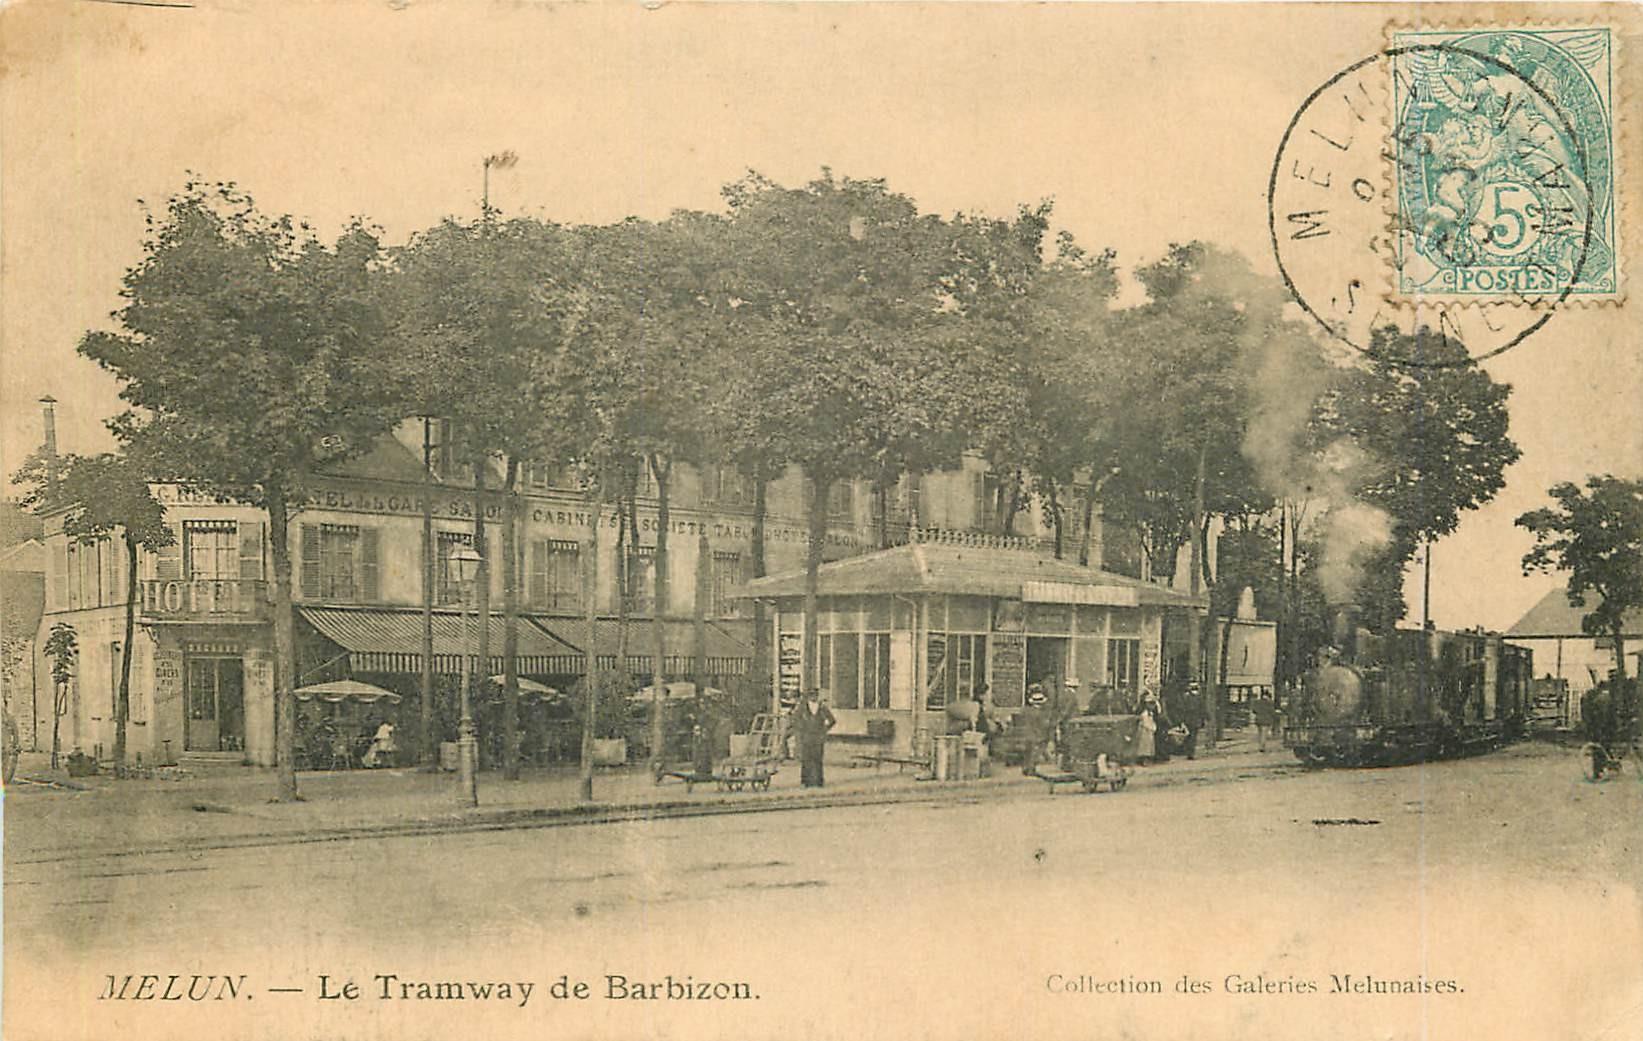 WW 77 MELUN. Le Tramway de Barbizon et l'Hôtel de la Gare 1905